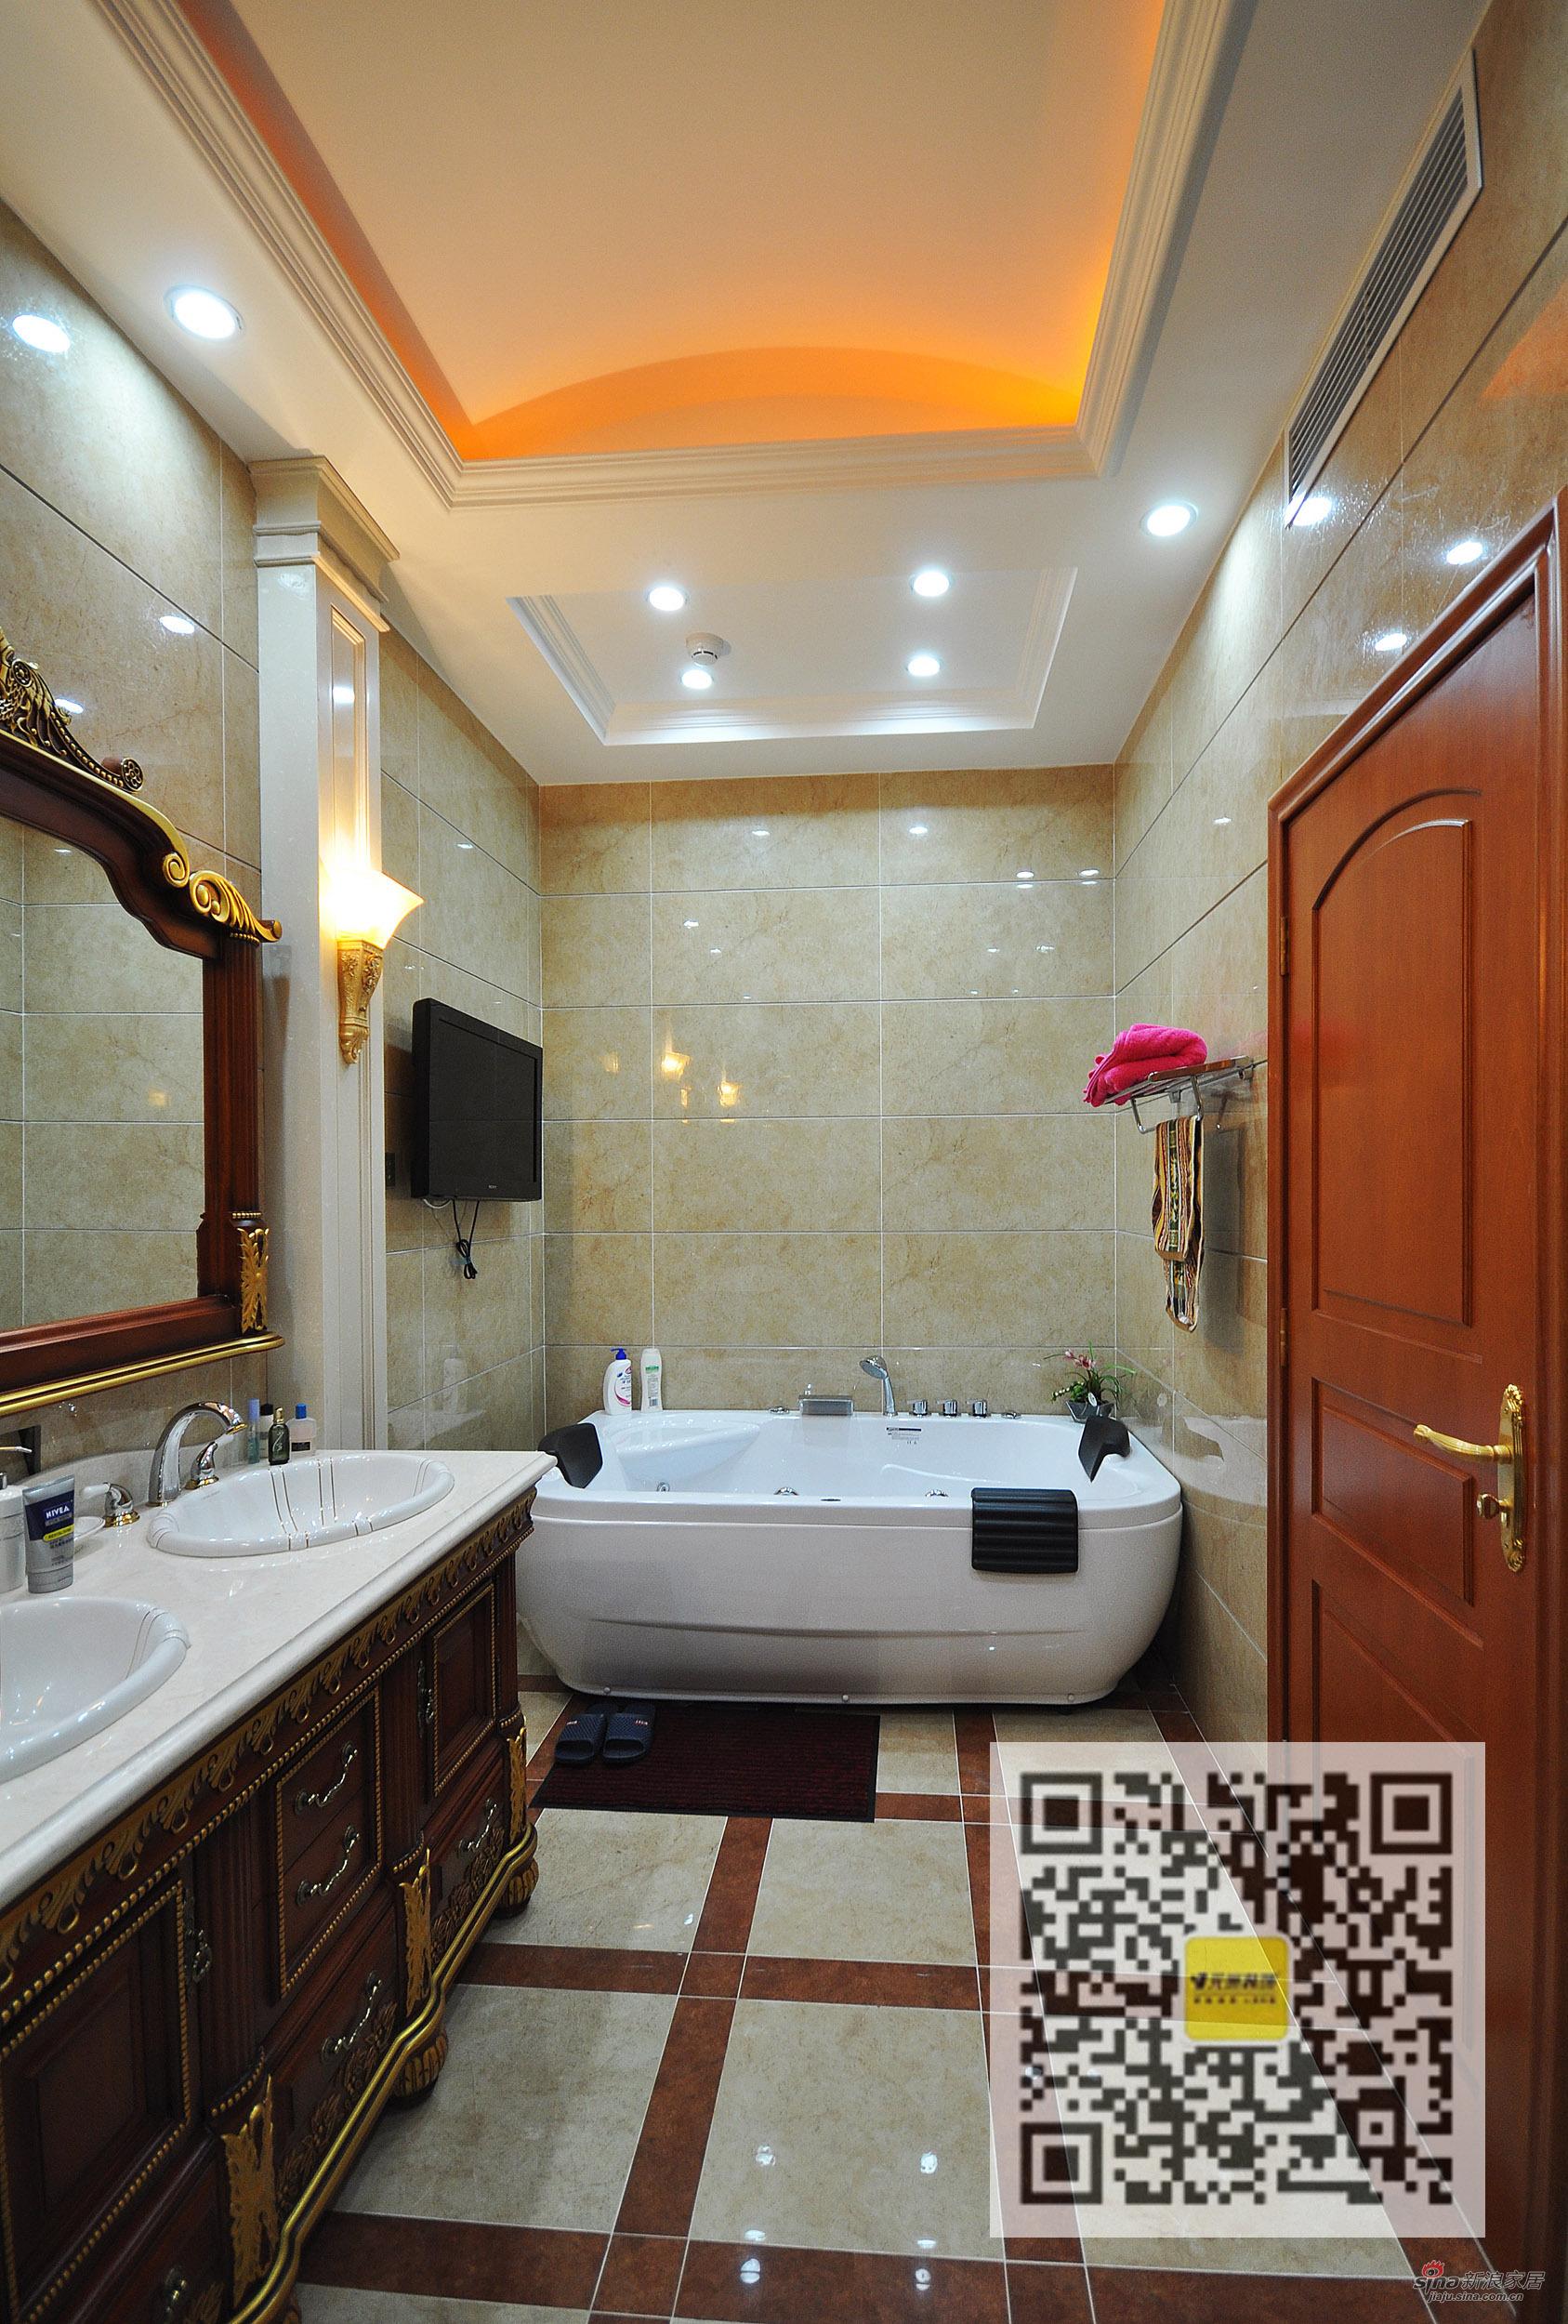 其他 别墅 卫生间图片来自用户2737948467在新巴洛克风格别墅设计42的分享